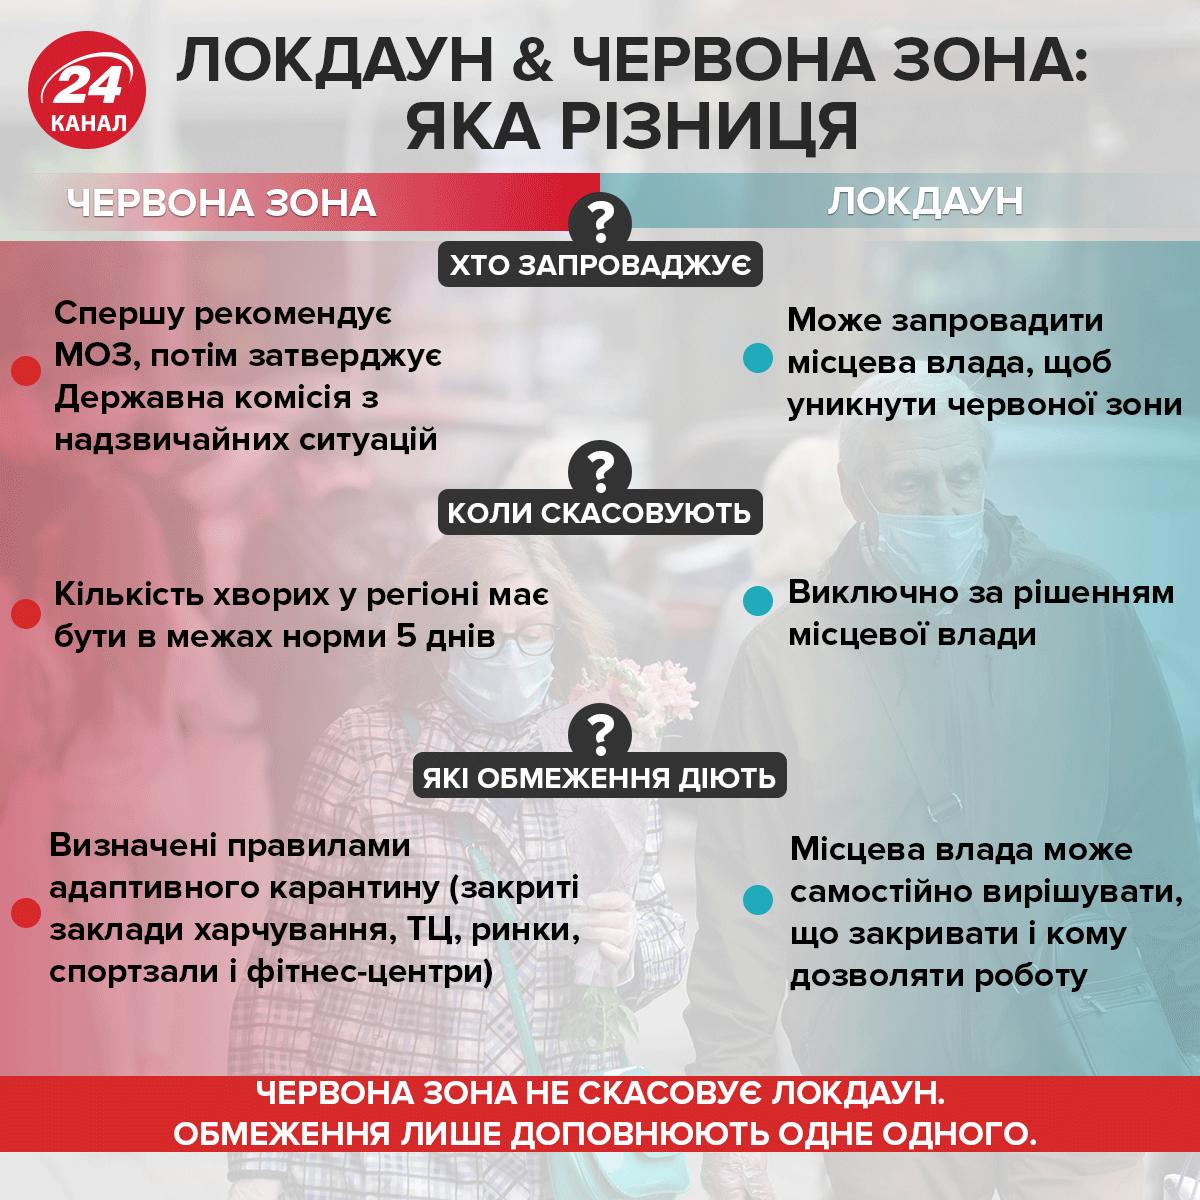 Яка різниця між червоною зоною і локдауном Інфографіка 24 каналу